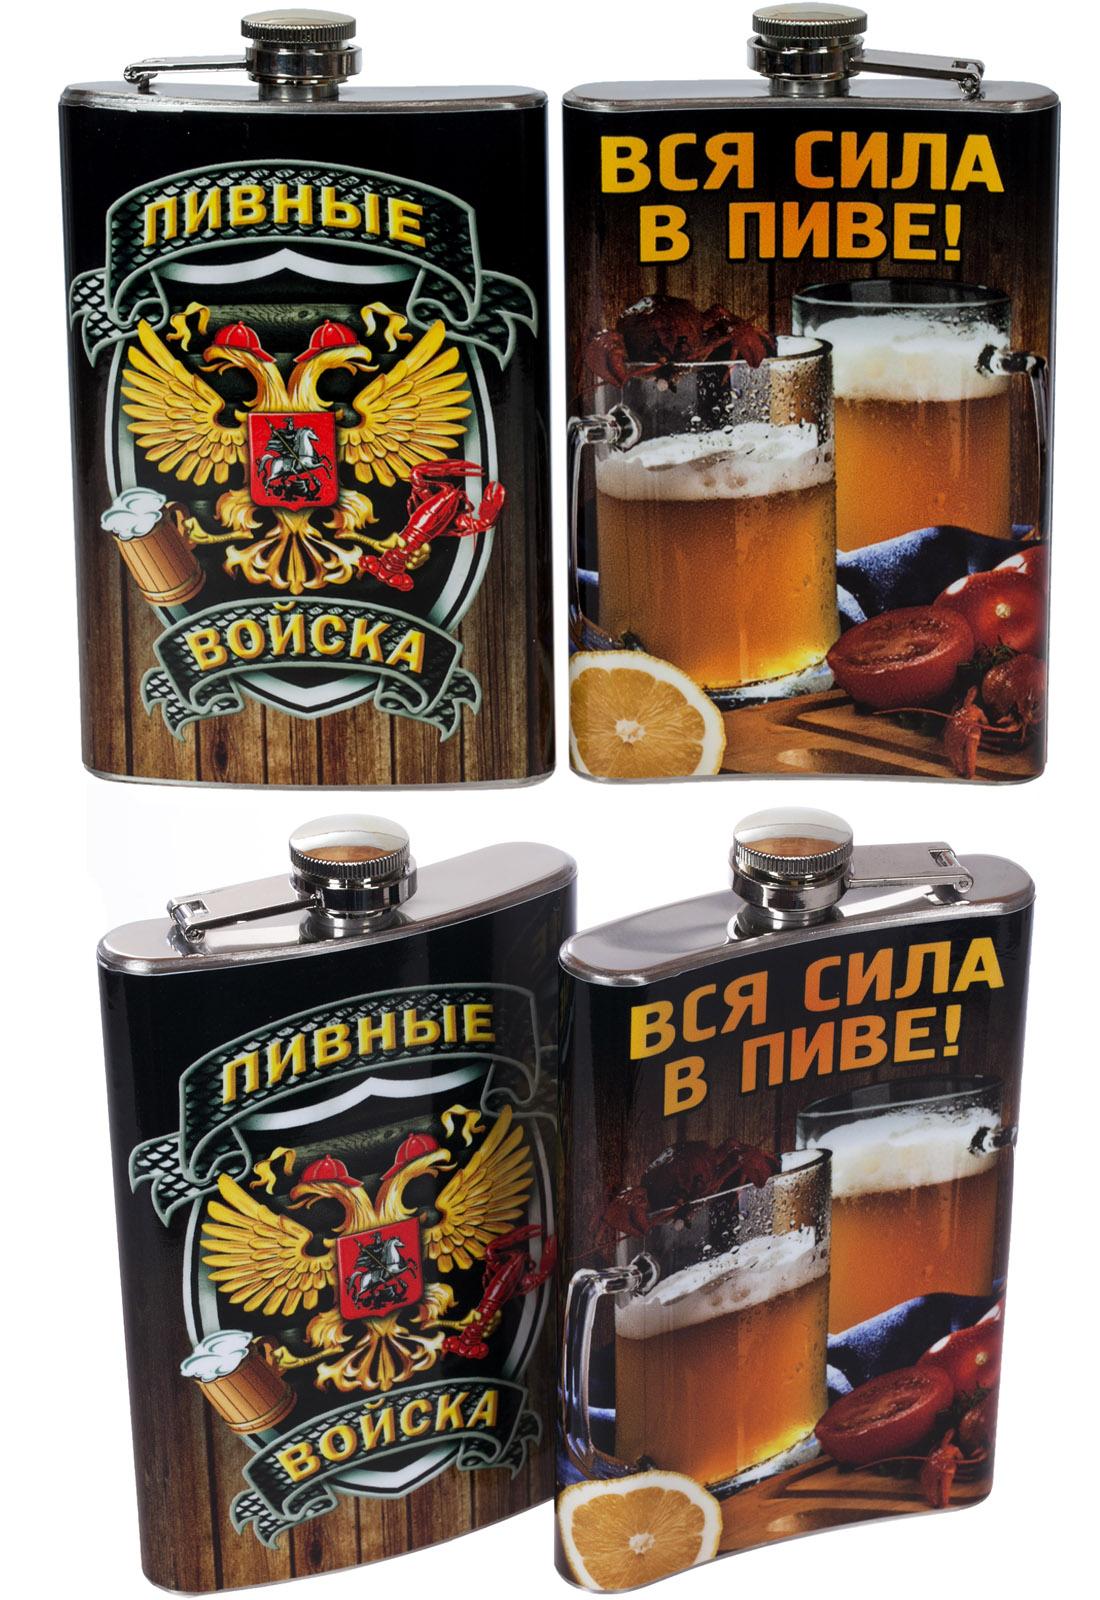 """Фляжка """"Пивные войска"""" купить с доставкой и самовывозом"""